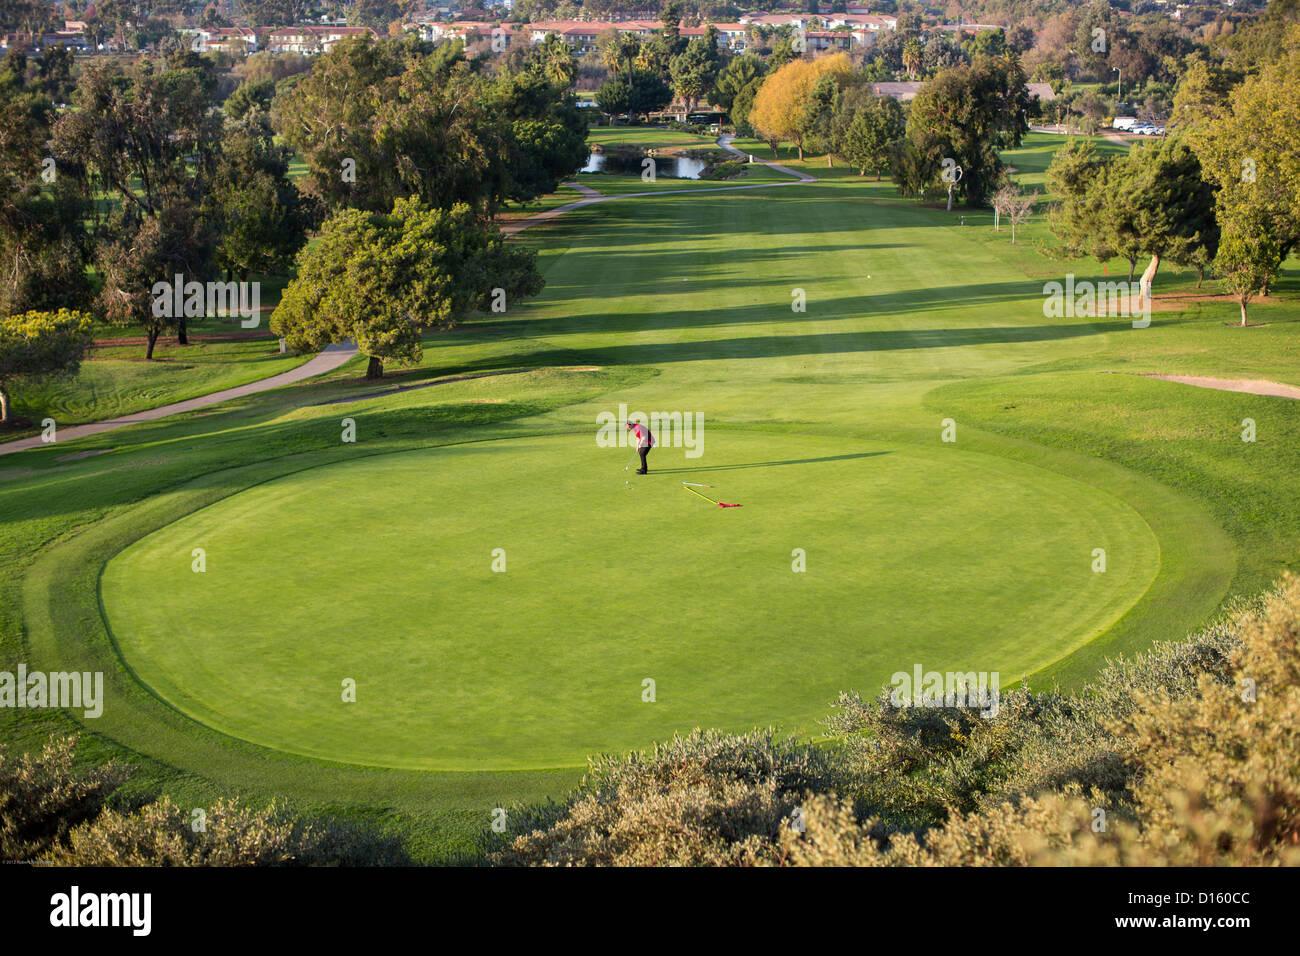 Un golfeur putts sur un livre vert du San Juan Hills Golf Course à San Juan Capistrano, en Californie. Photo Stock